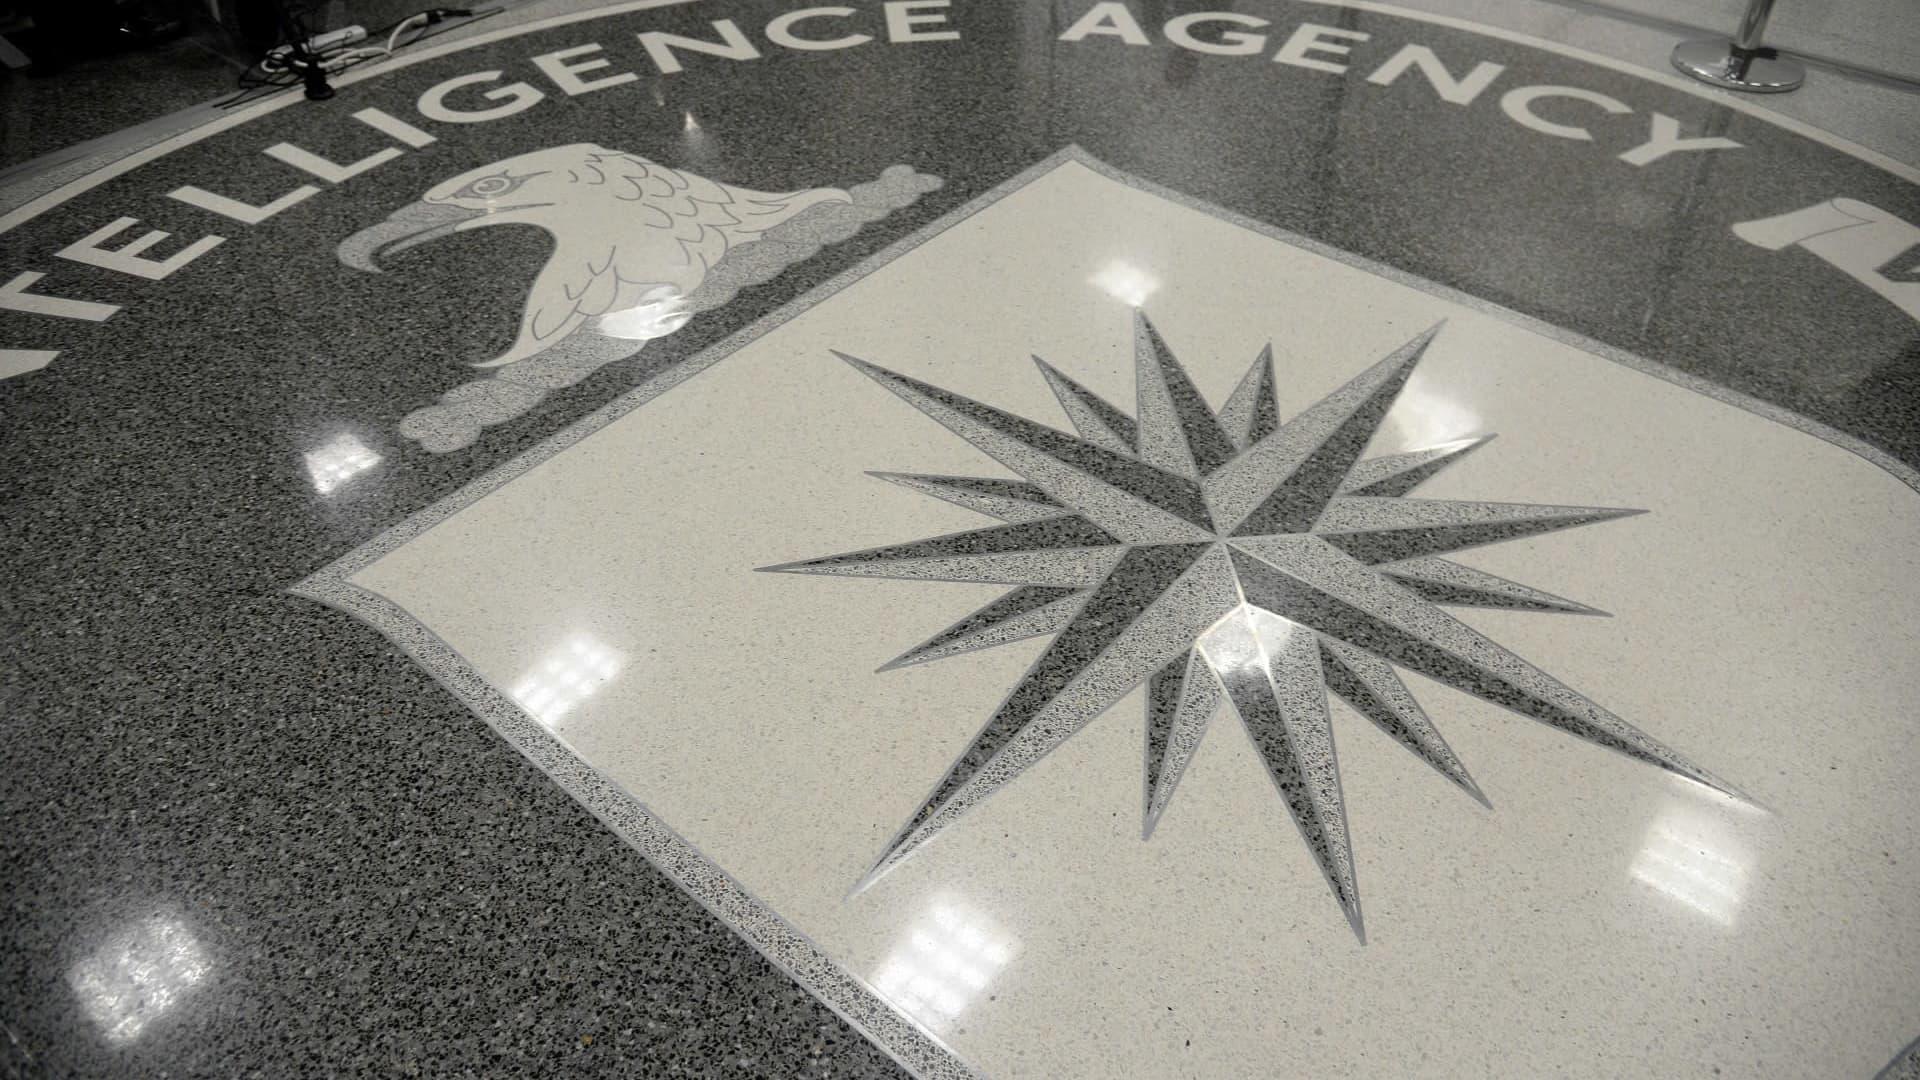 Yhdysvaltain keskustiedustelupalvelun CIA:n vaakuna viraston päämajan lattiassa Langleyssä, Virginiassa.